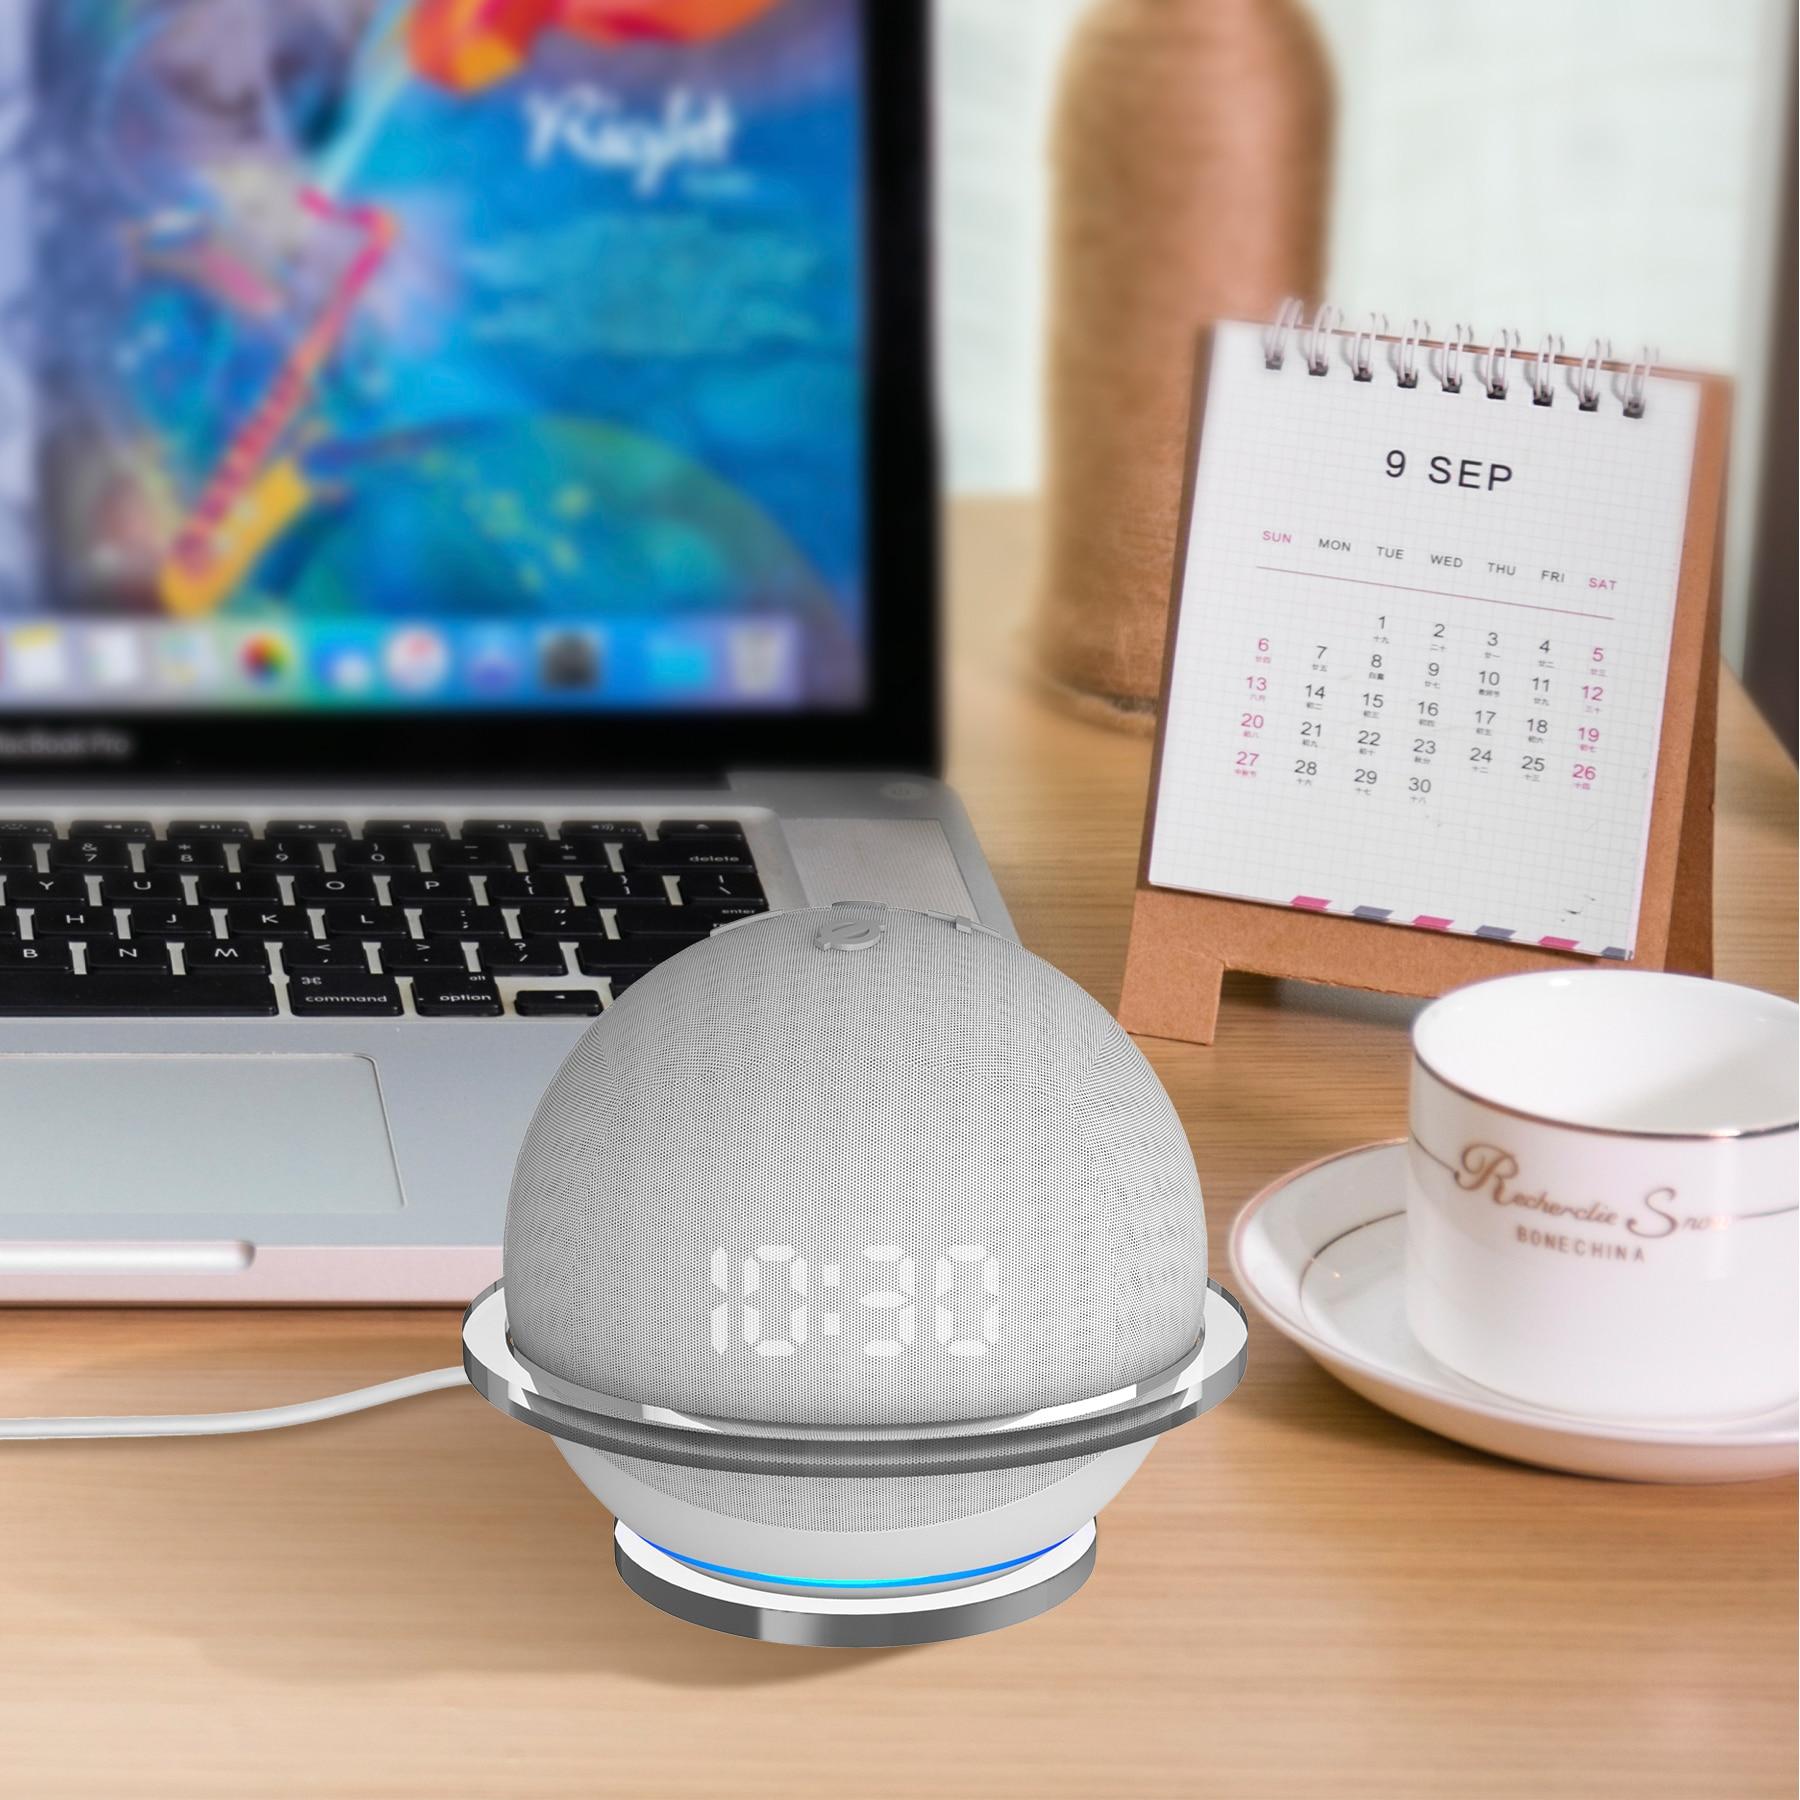 Прочная прозрачная акриловая настенная полка для Echo Dot 4, подставка для динамика, настенный кронштейн, Настольный держатель для Dot4